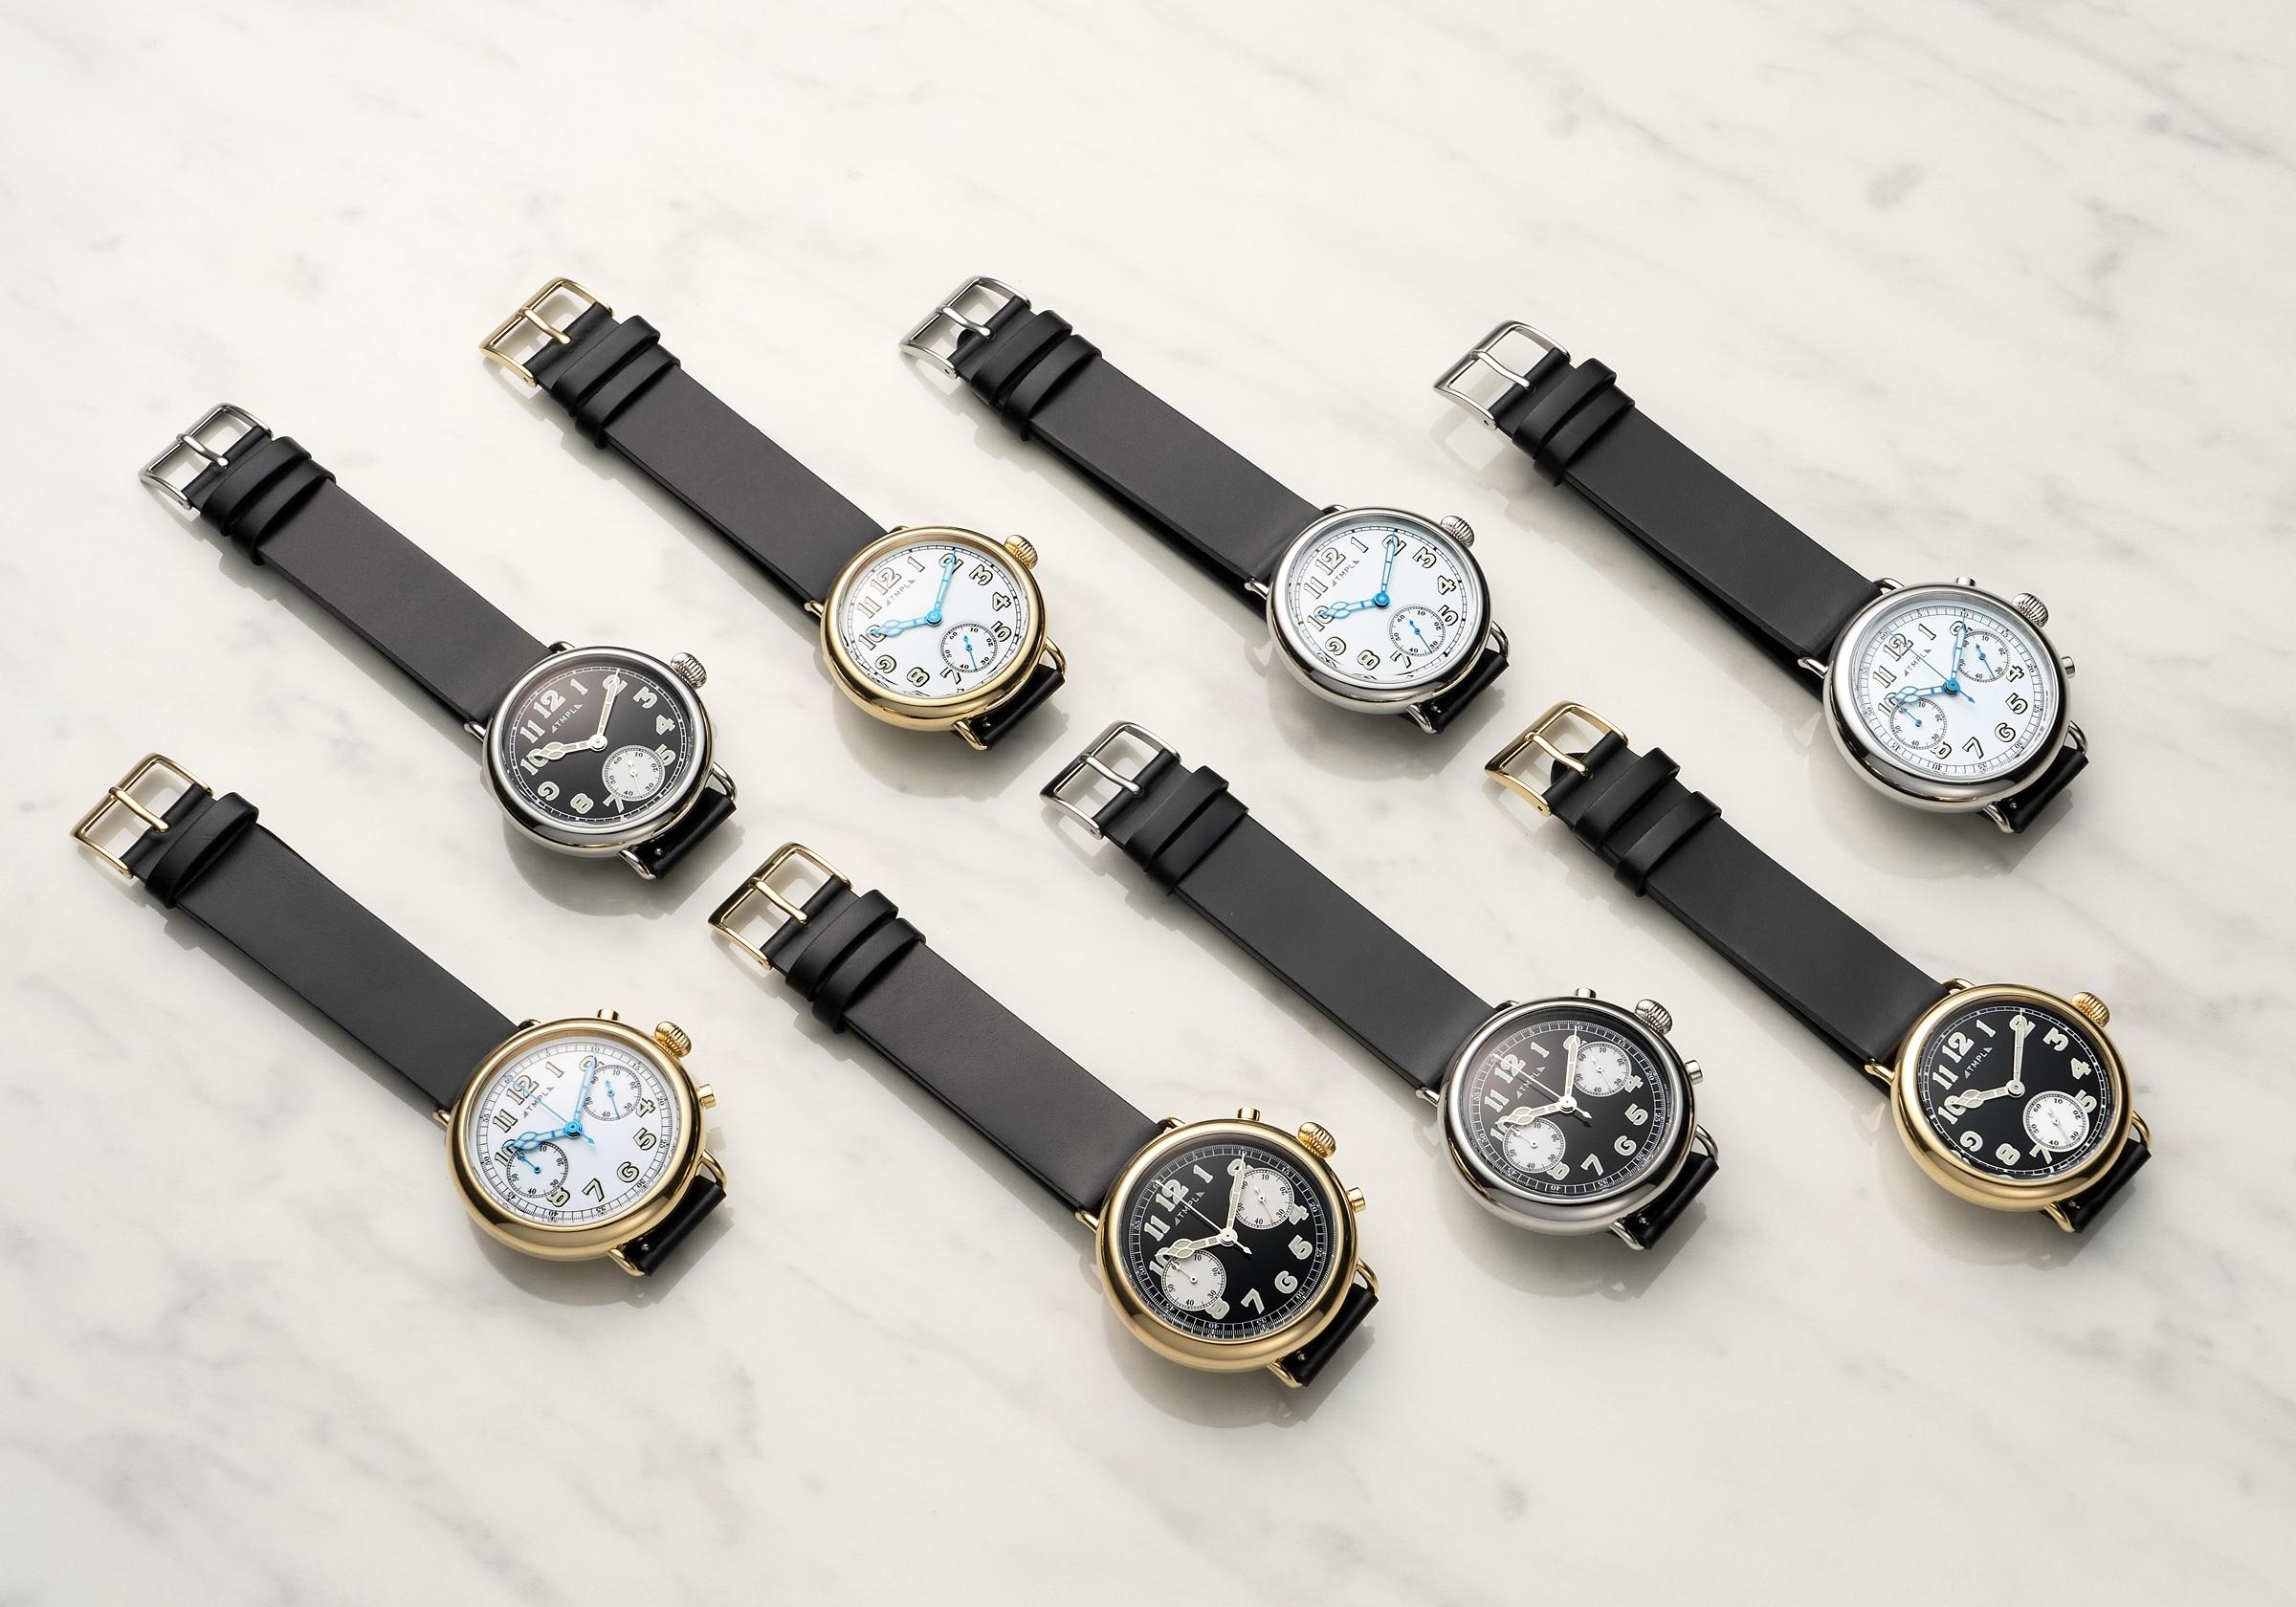 東洋のスイスが現代に蘇らせた100年前の腕時計「TMPL(テンプル)」